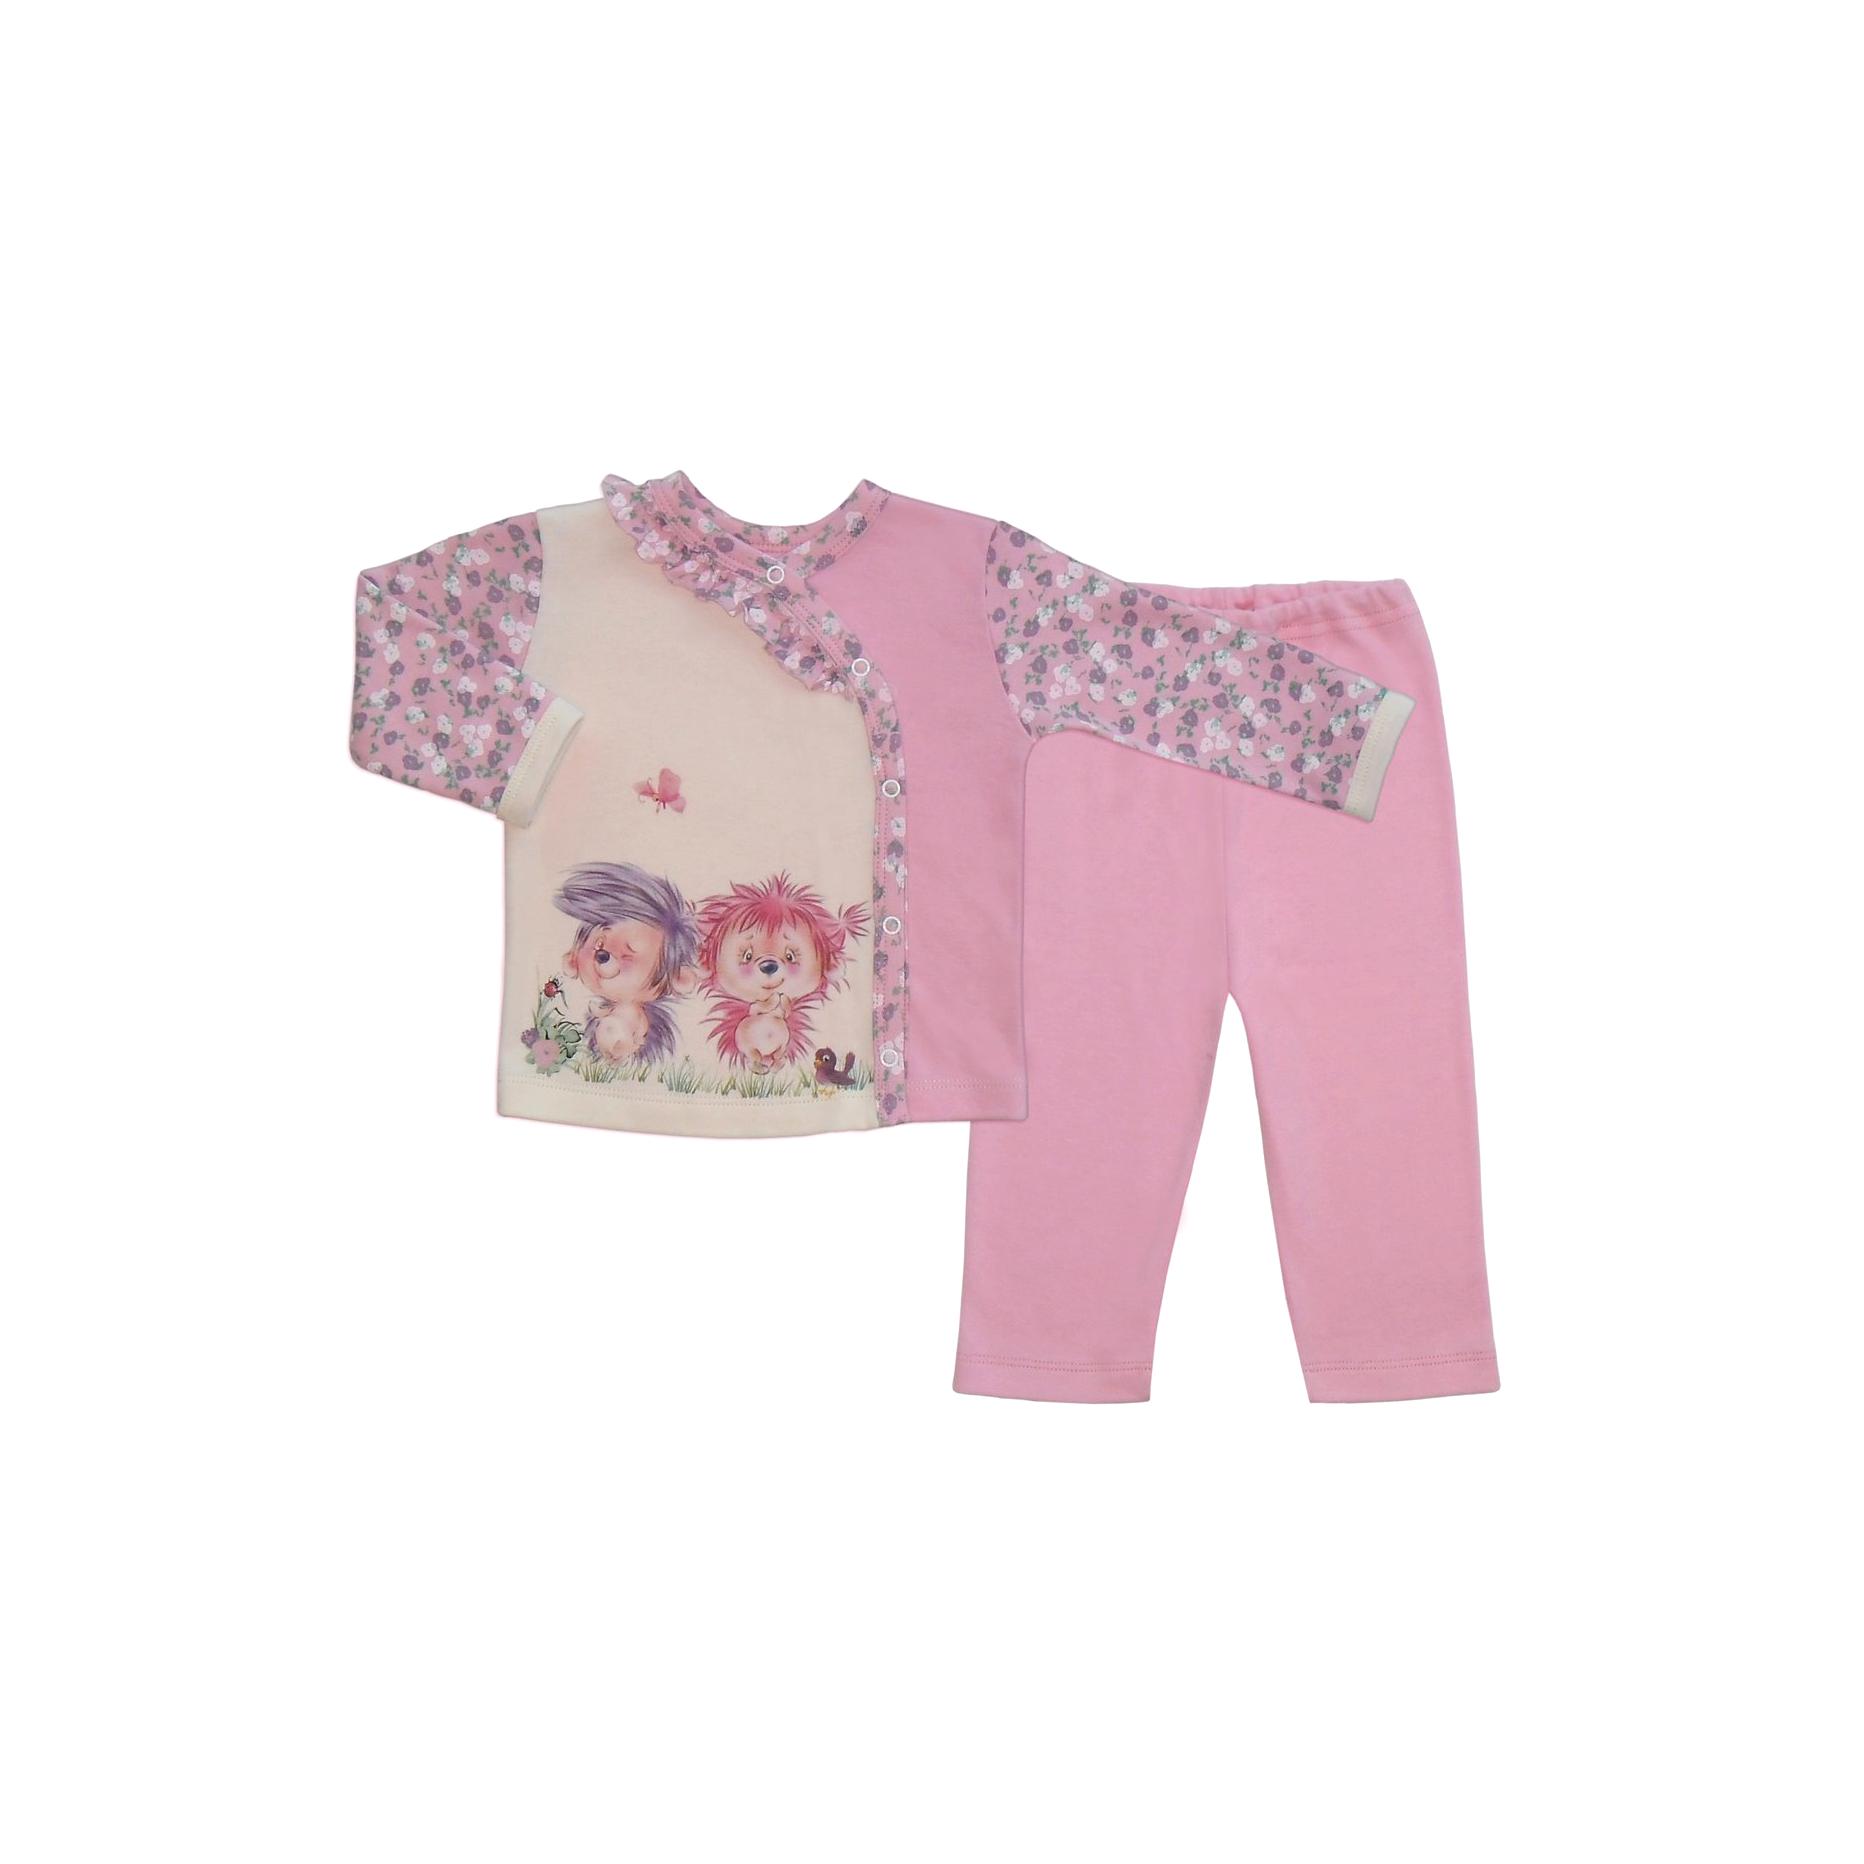 Комплект ясельный Бимоша: кофточка+ползунки, цвет молоко/розовый (146052) 12-18 мес.